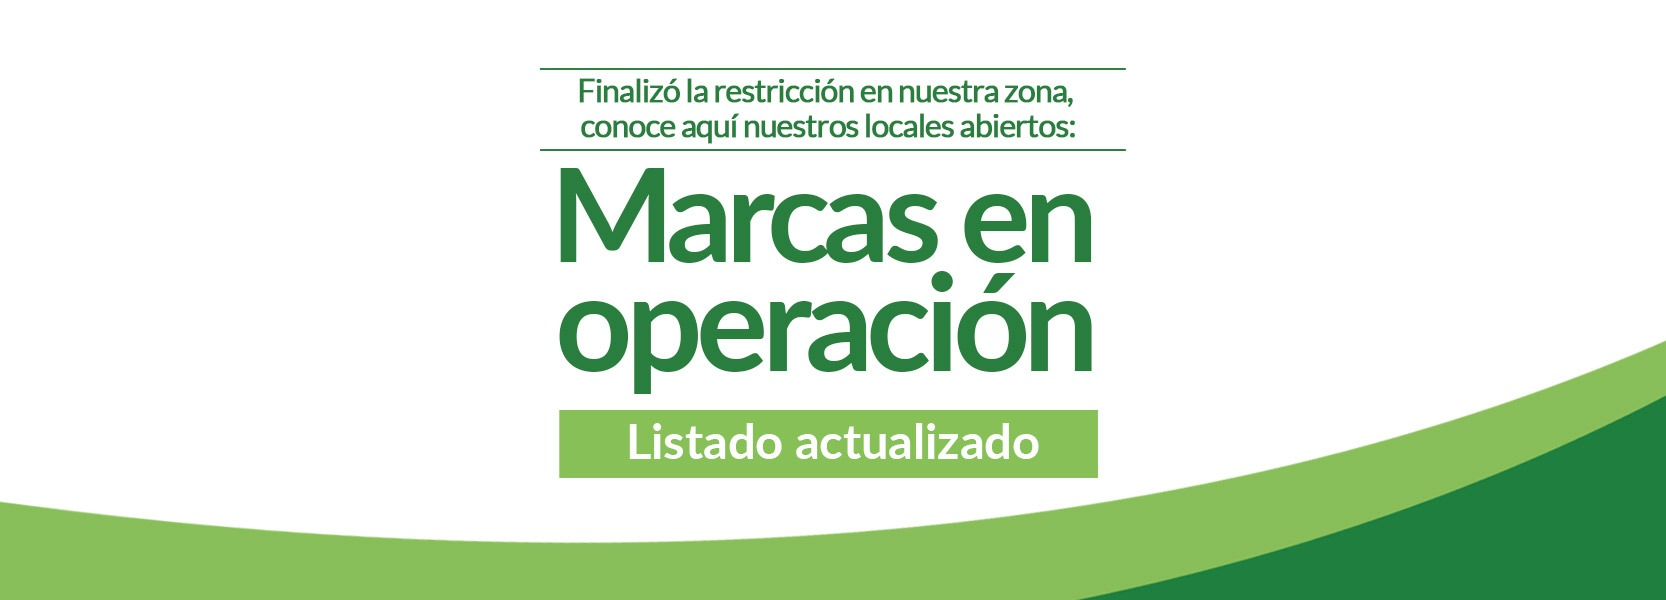 banner-marcas-operacion